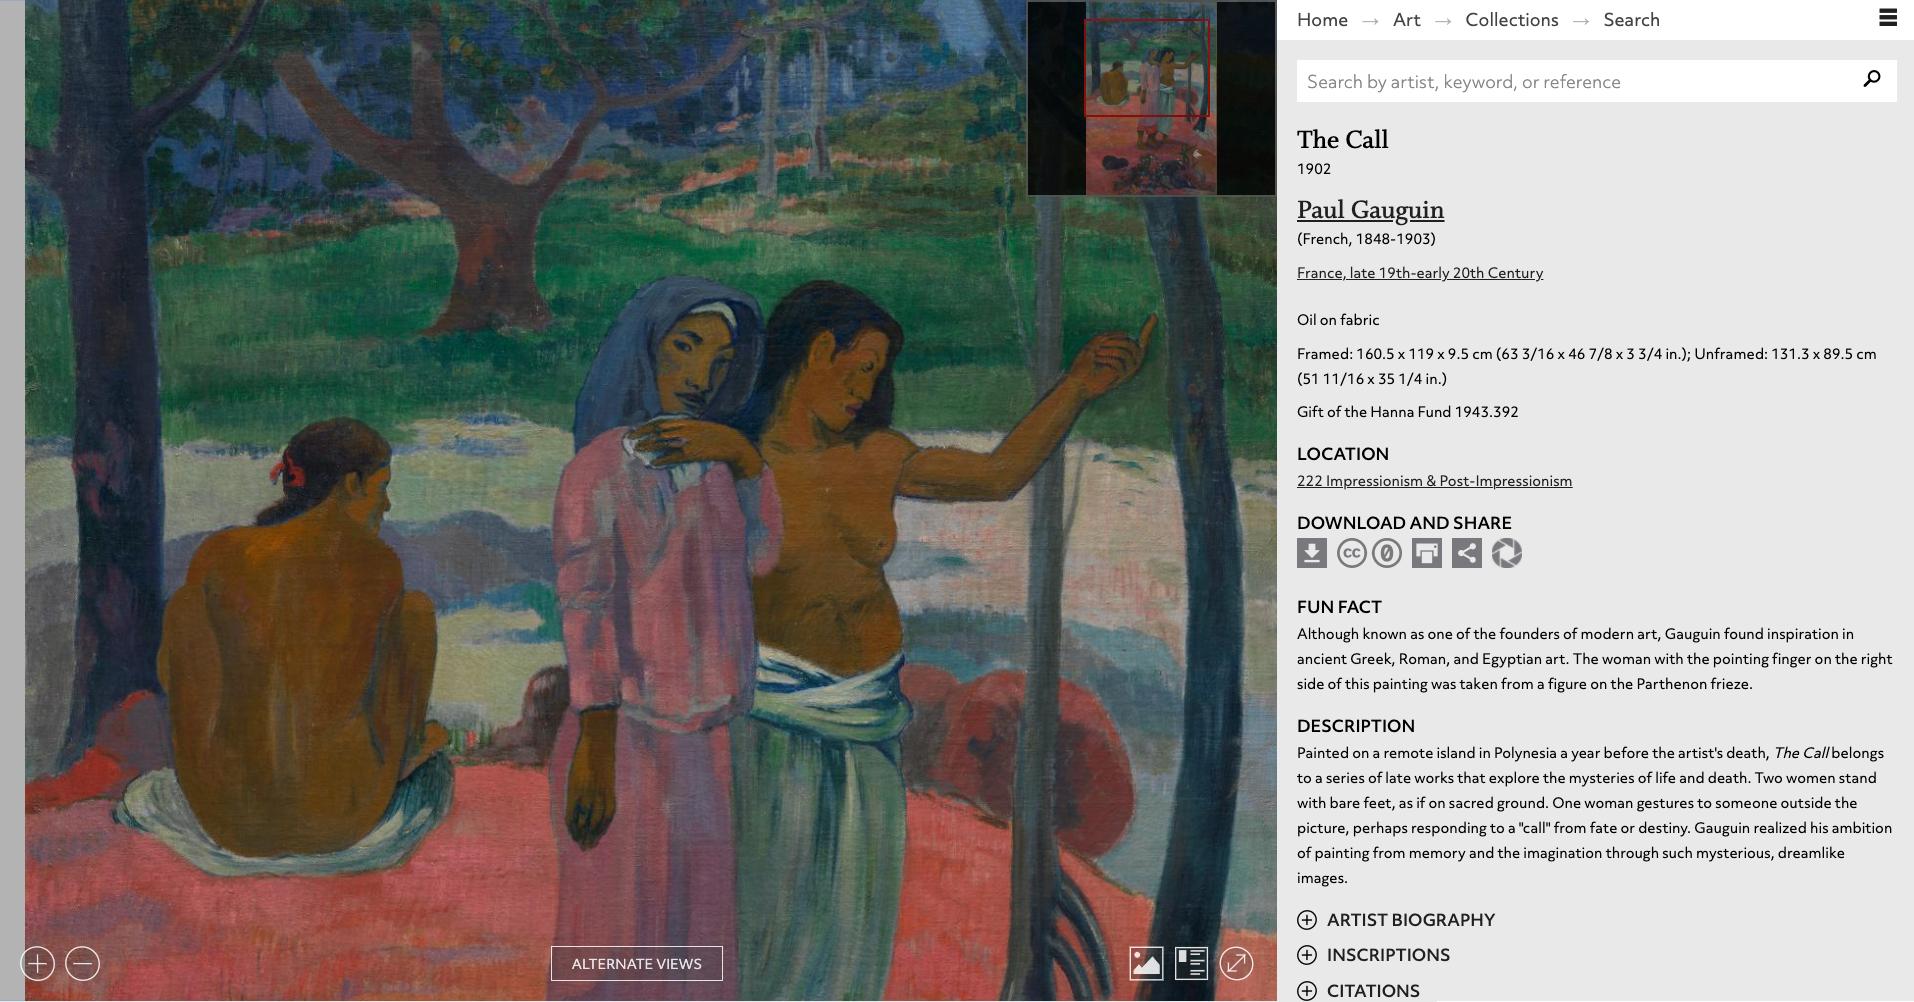 Interface des collections du Musée de Cleveland : affichage d'un détail d'un tableau de Gauguin